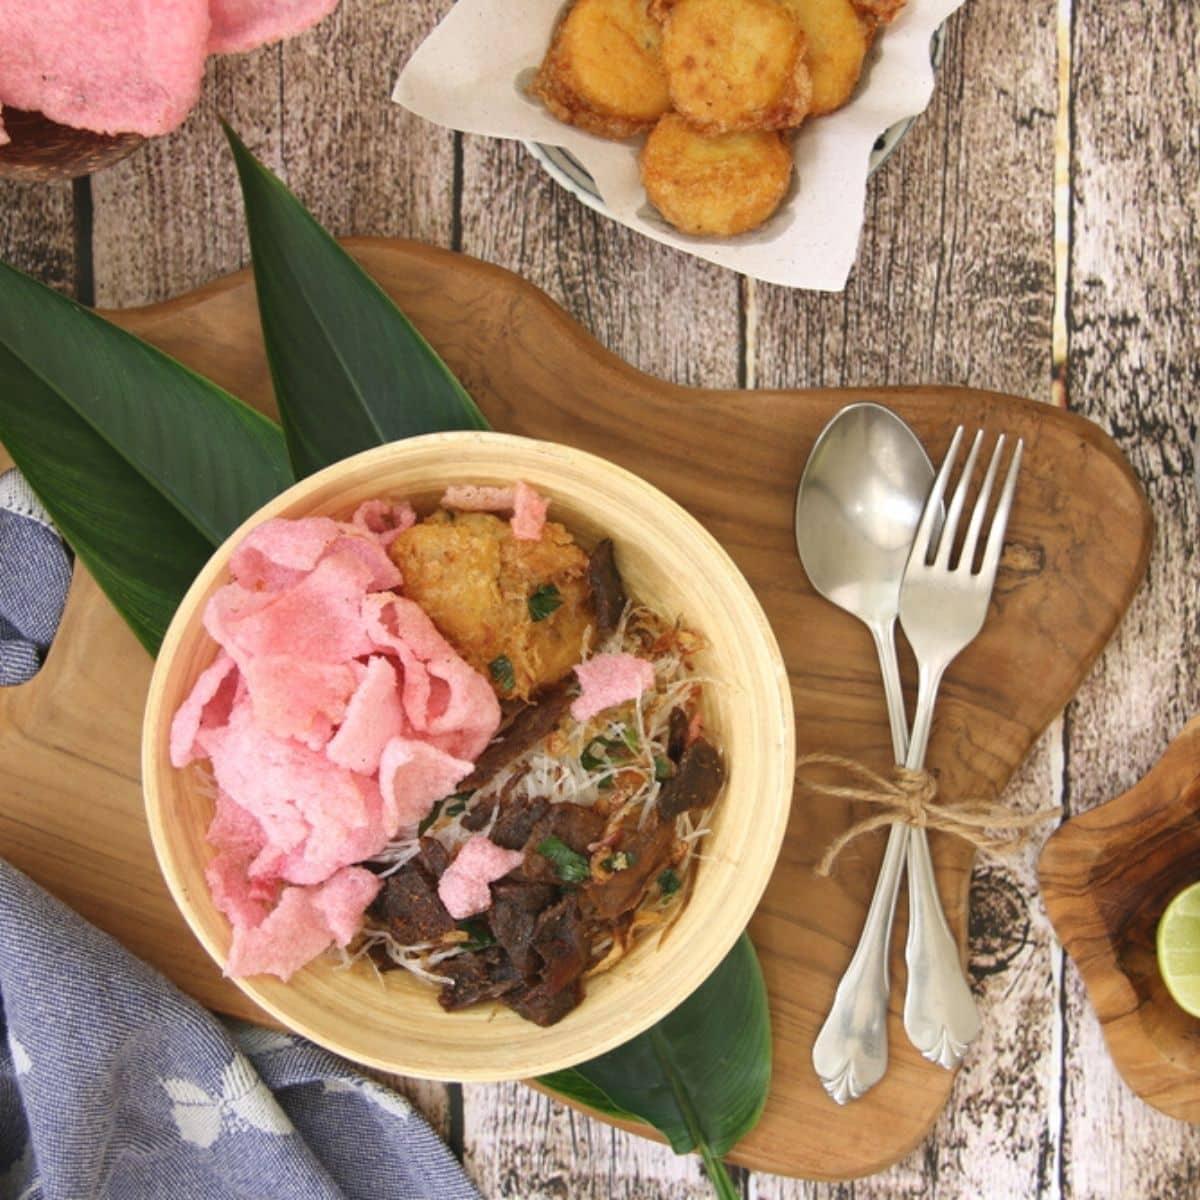 20 Makanan Khas Sumatera Barat Paling Enak dan Wajib Kamu Tahu